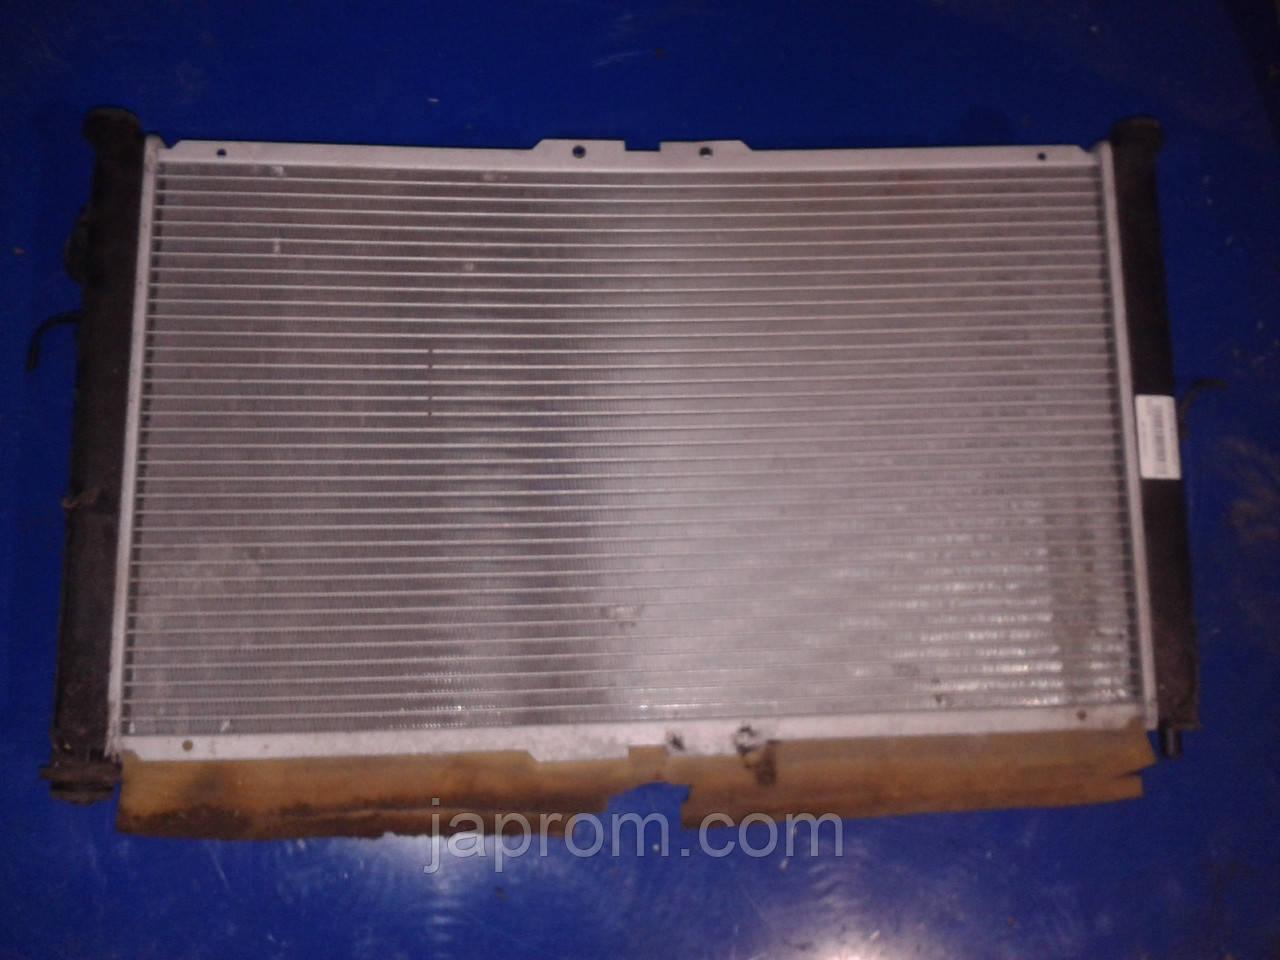 Радиатор охлаждение двигателя Mazda Xedos 9 1994-2002г.в. 2.5 бензин